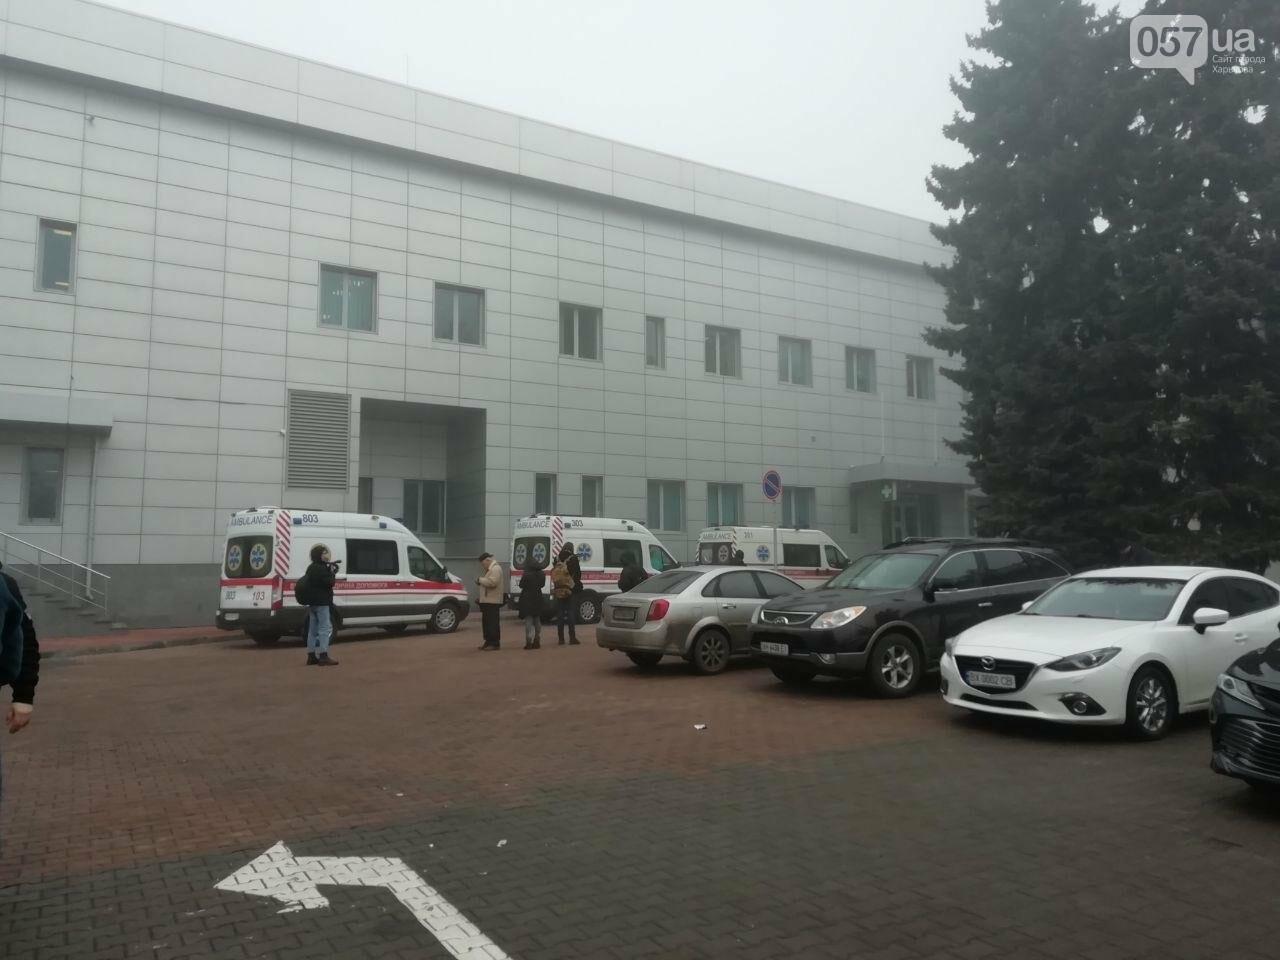 В харьковском аэропорту приземлился самолет с эвакуированными пассажирами из Китая, - ОНЛАЙН-ТРАНСЛЯЦИЯ, фото-37